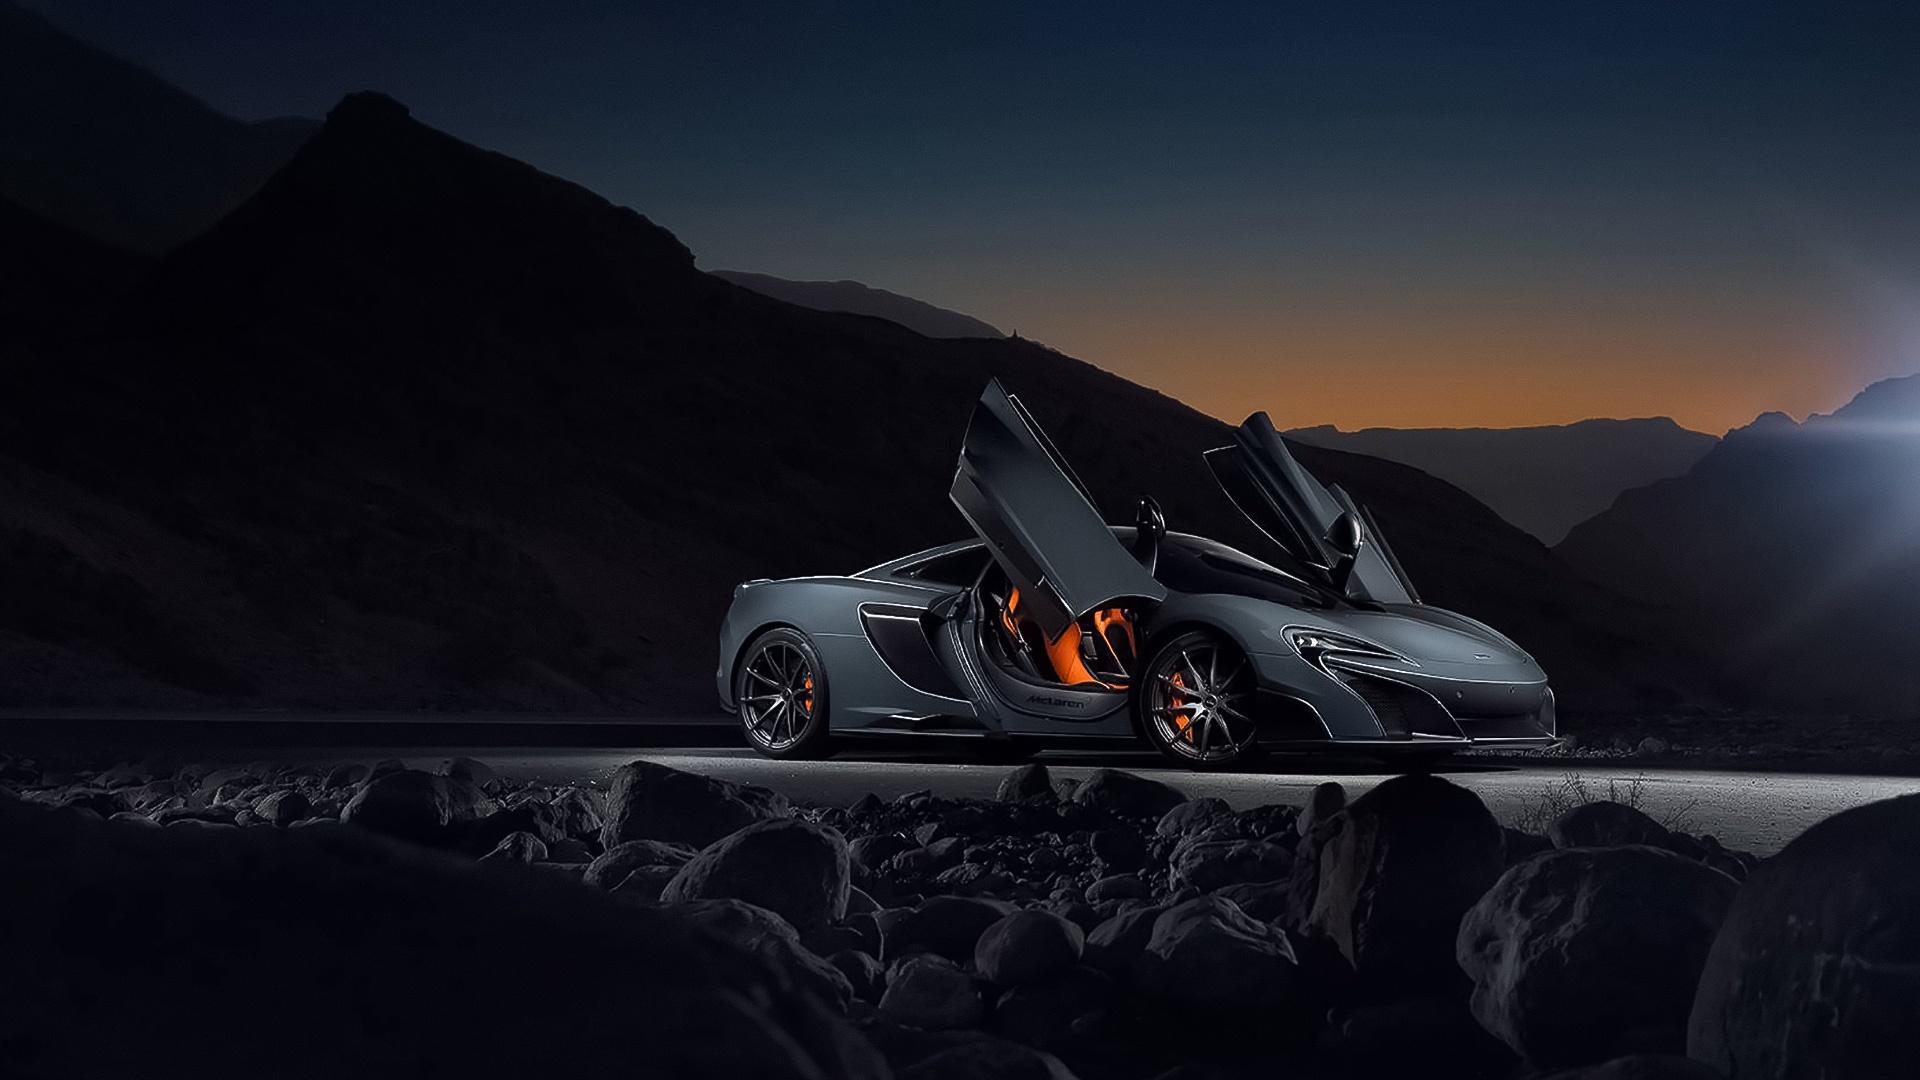 McLaren 675LT supercar wallpaper